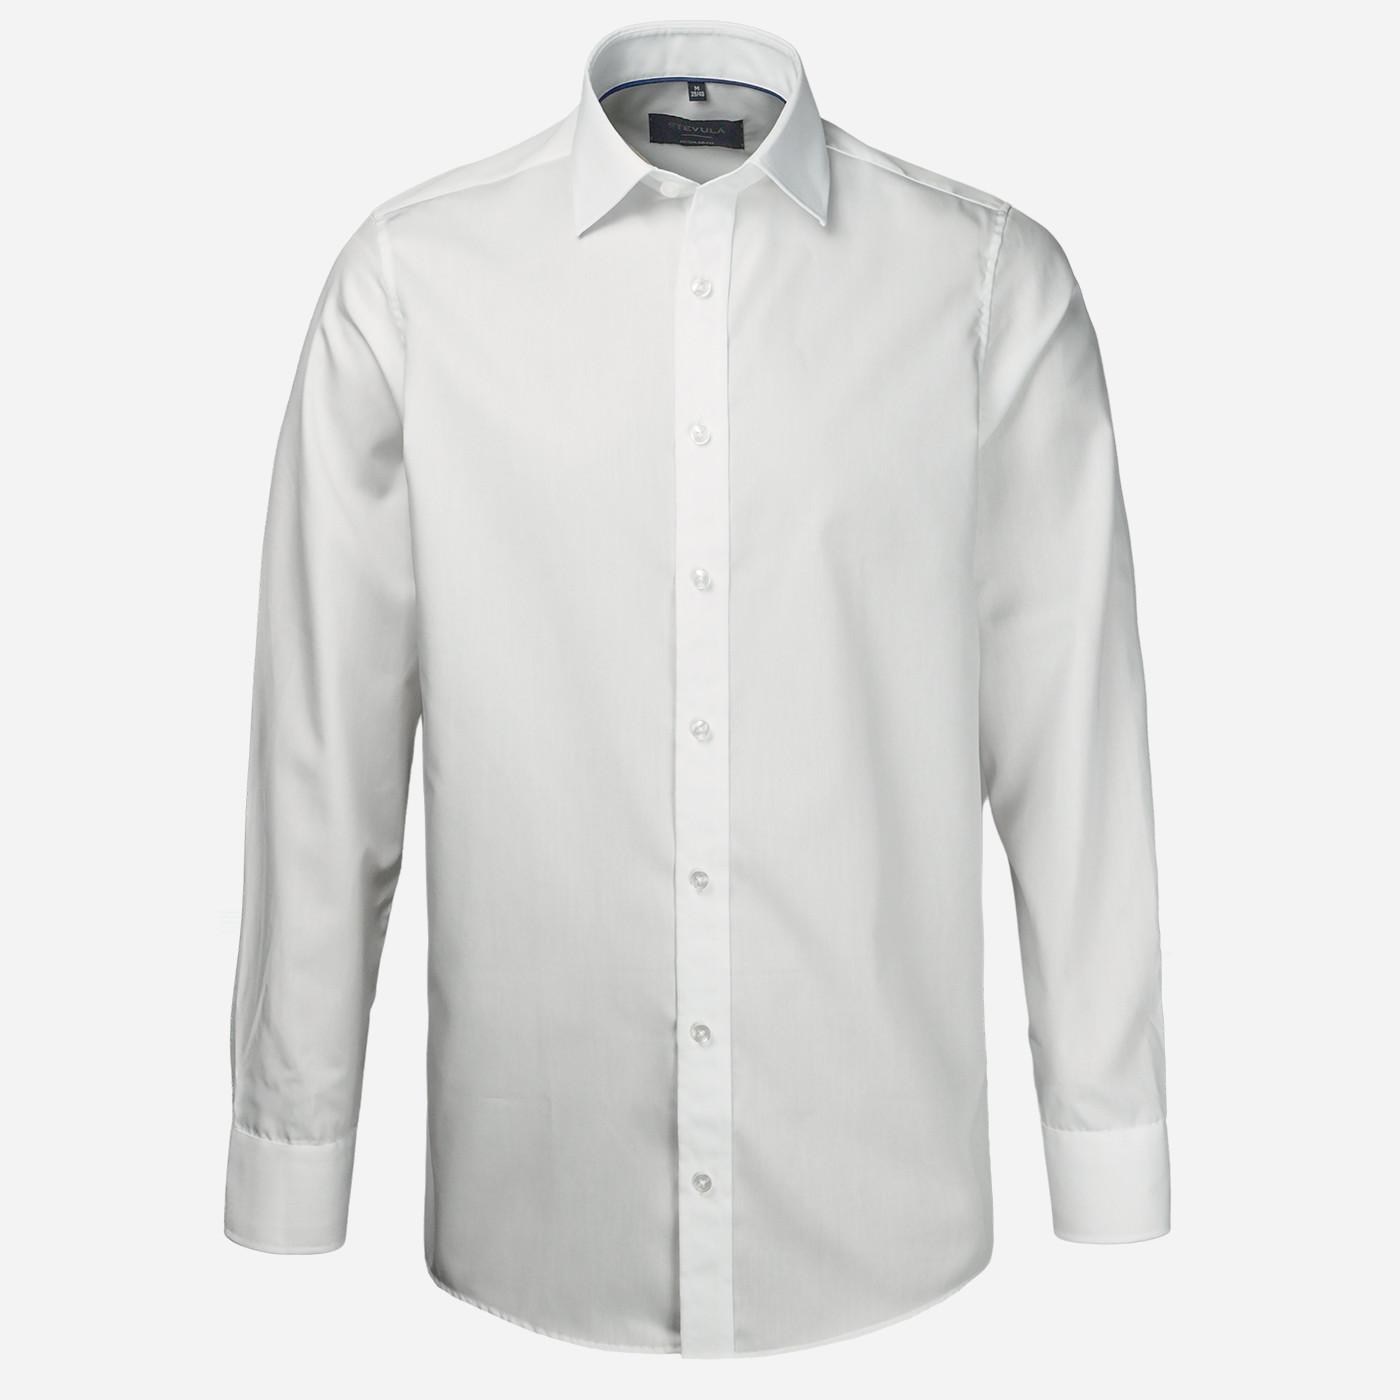 STEVULA Biela pánska košeľa, Regular fit Veľkosť: XXL 45/46